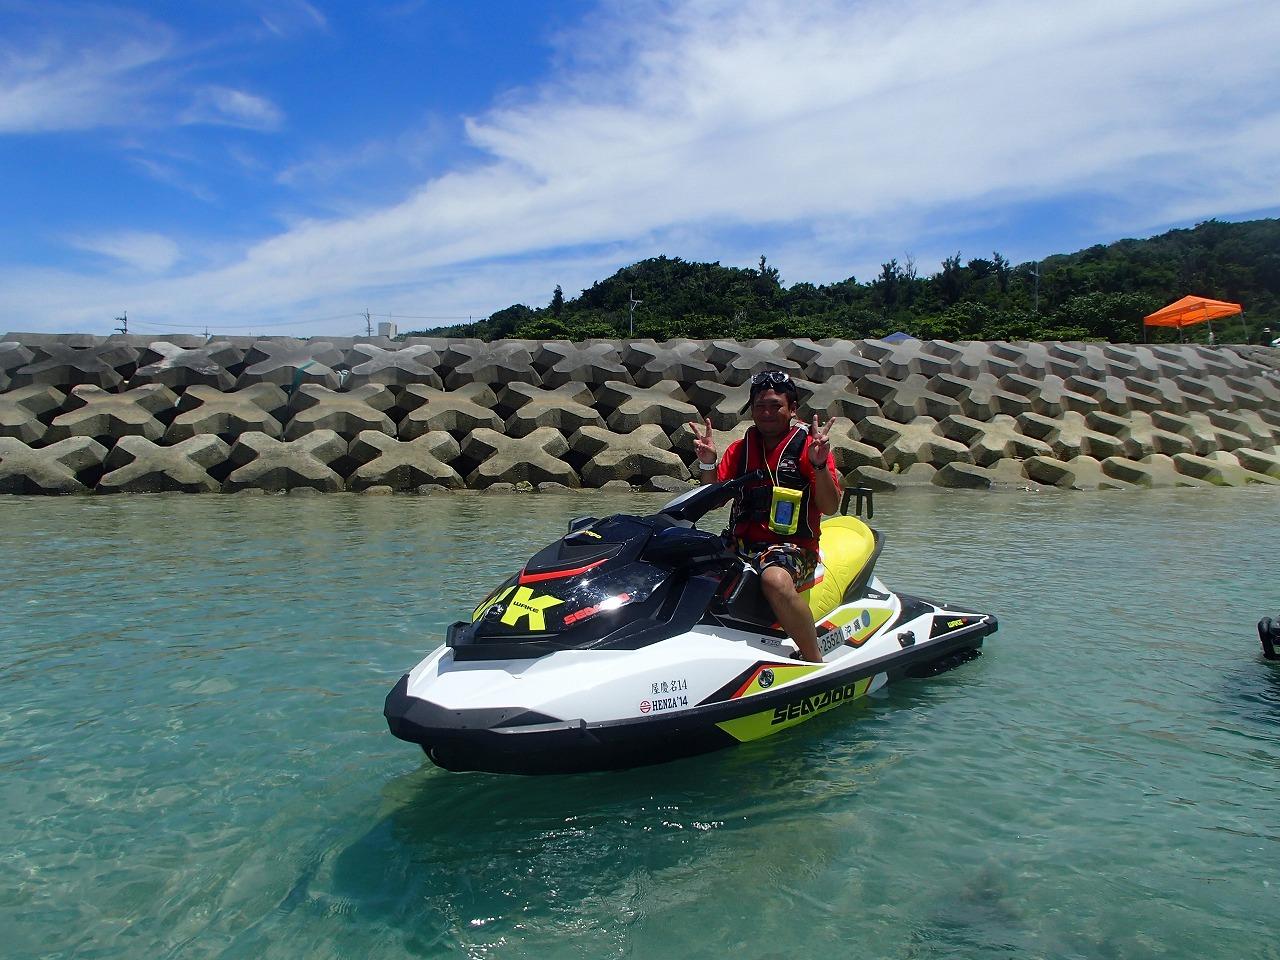 沖繩信息041 沖繩的水上摩托是?廉價的水上摩托體驗之旅是